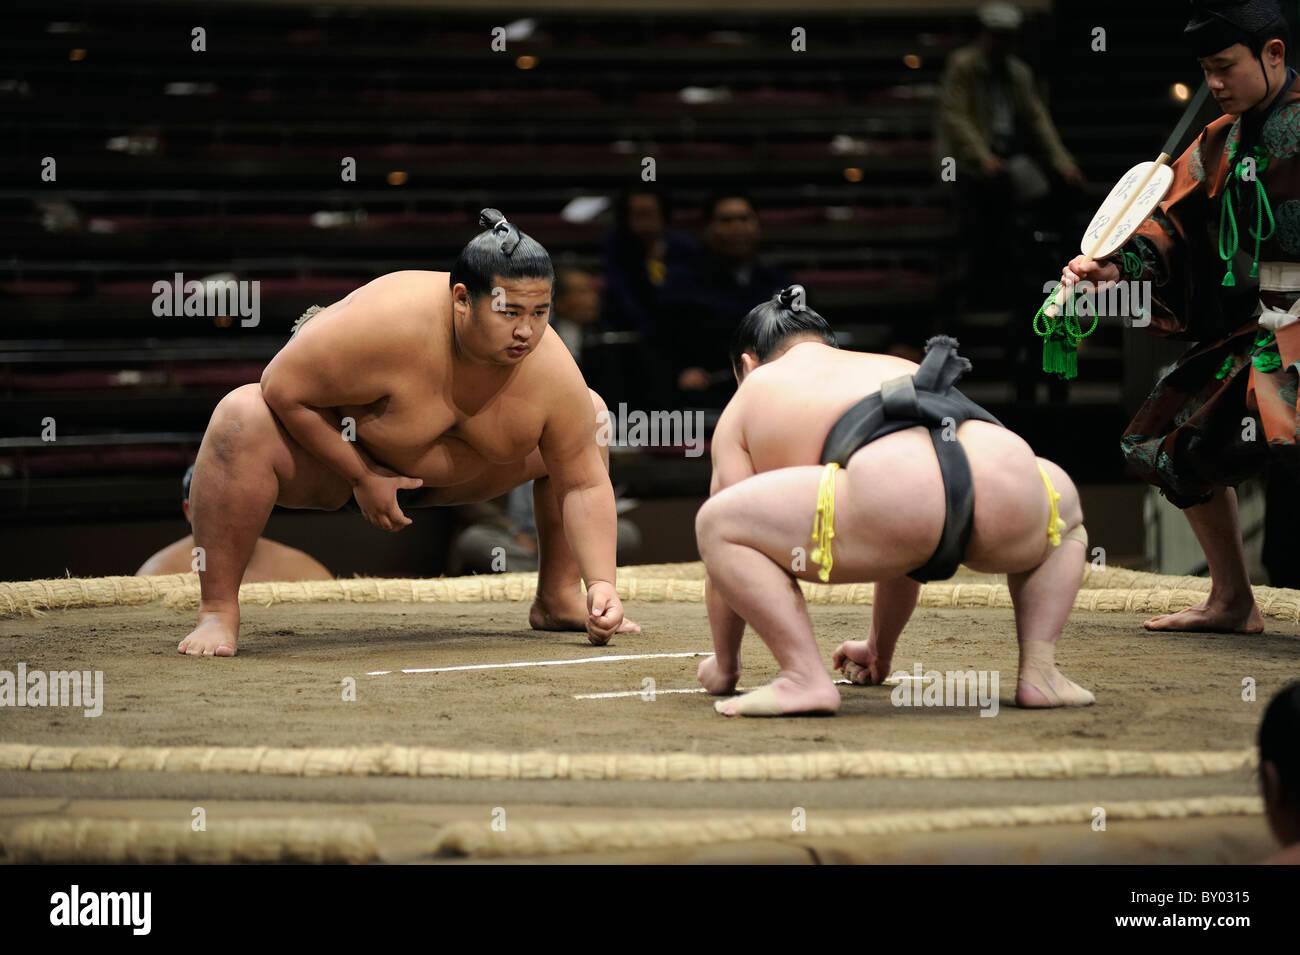 Due lottatori di sumo prima bout, Grandi Campionati di Sumo maggio 2010, Ryogoku Kokugikan, Tokyo, Giappone Immagini Stock